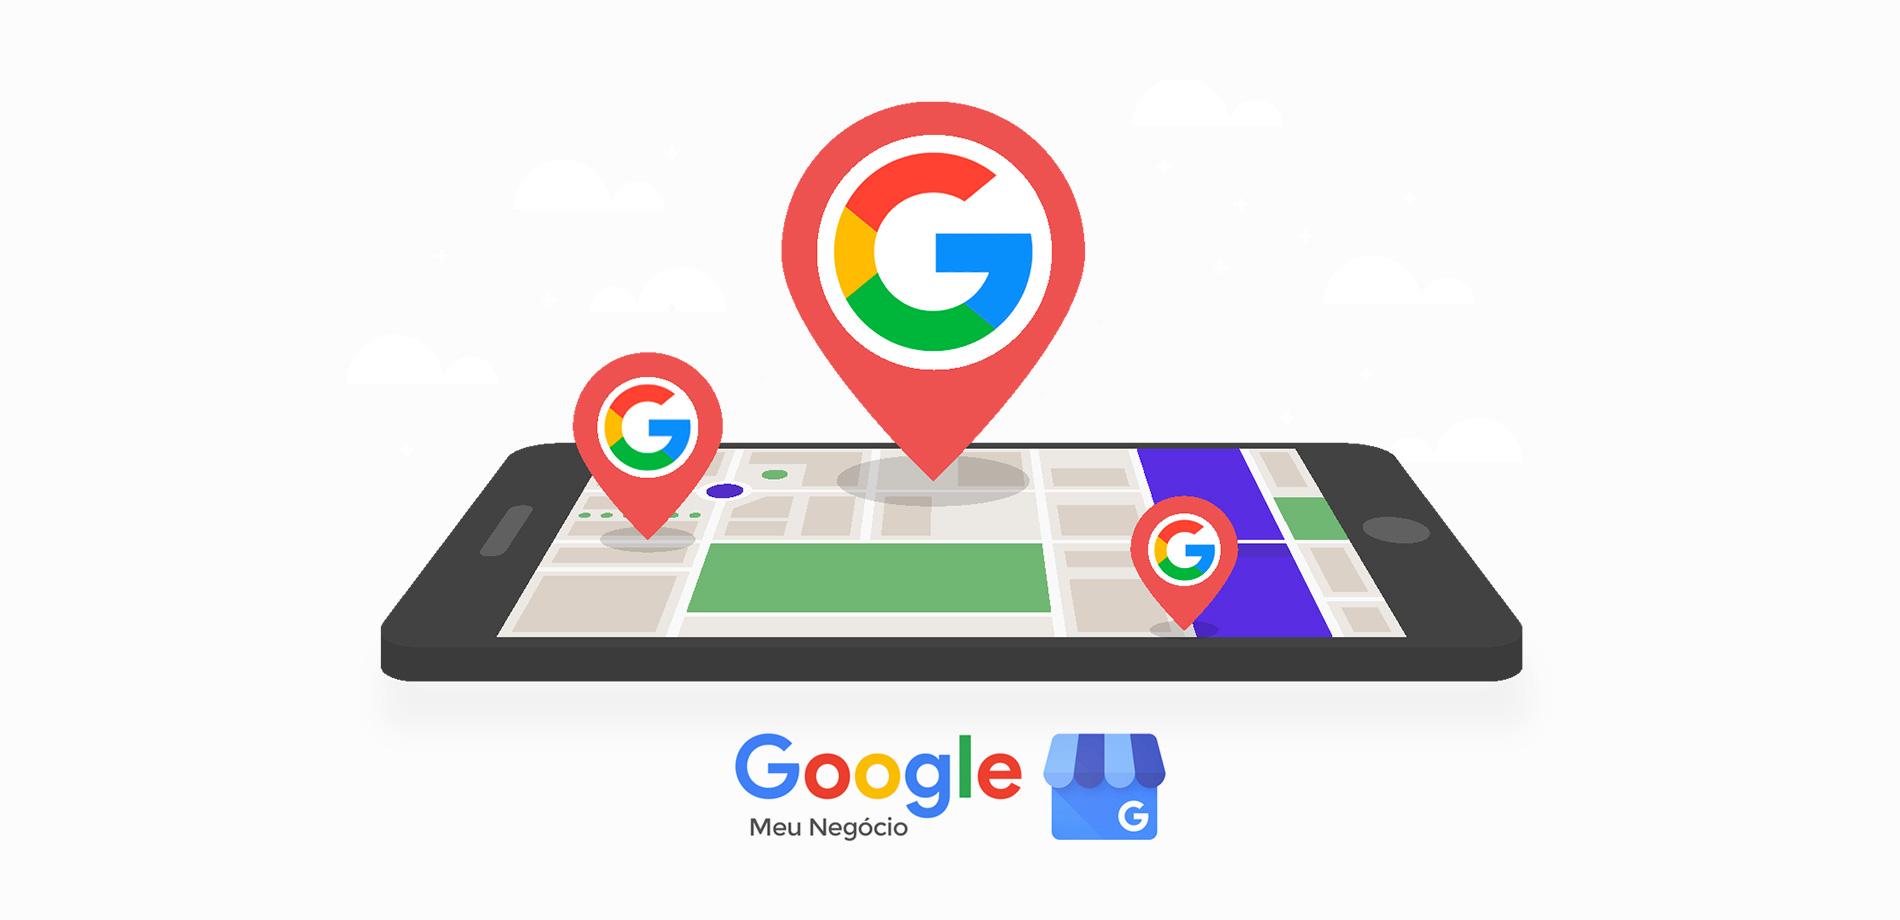 Guia-rapido-como-se-cadastrar-no-google-meu-negocio